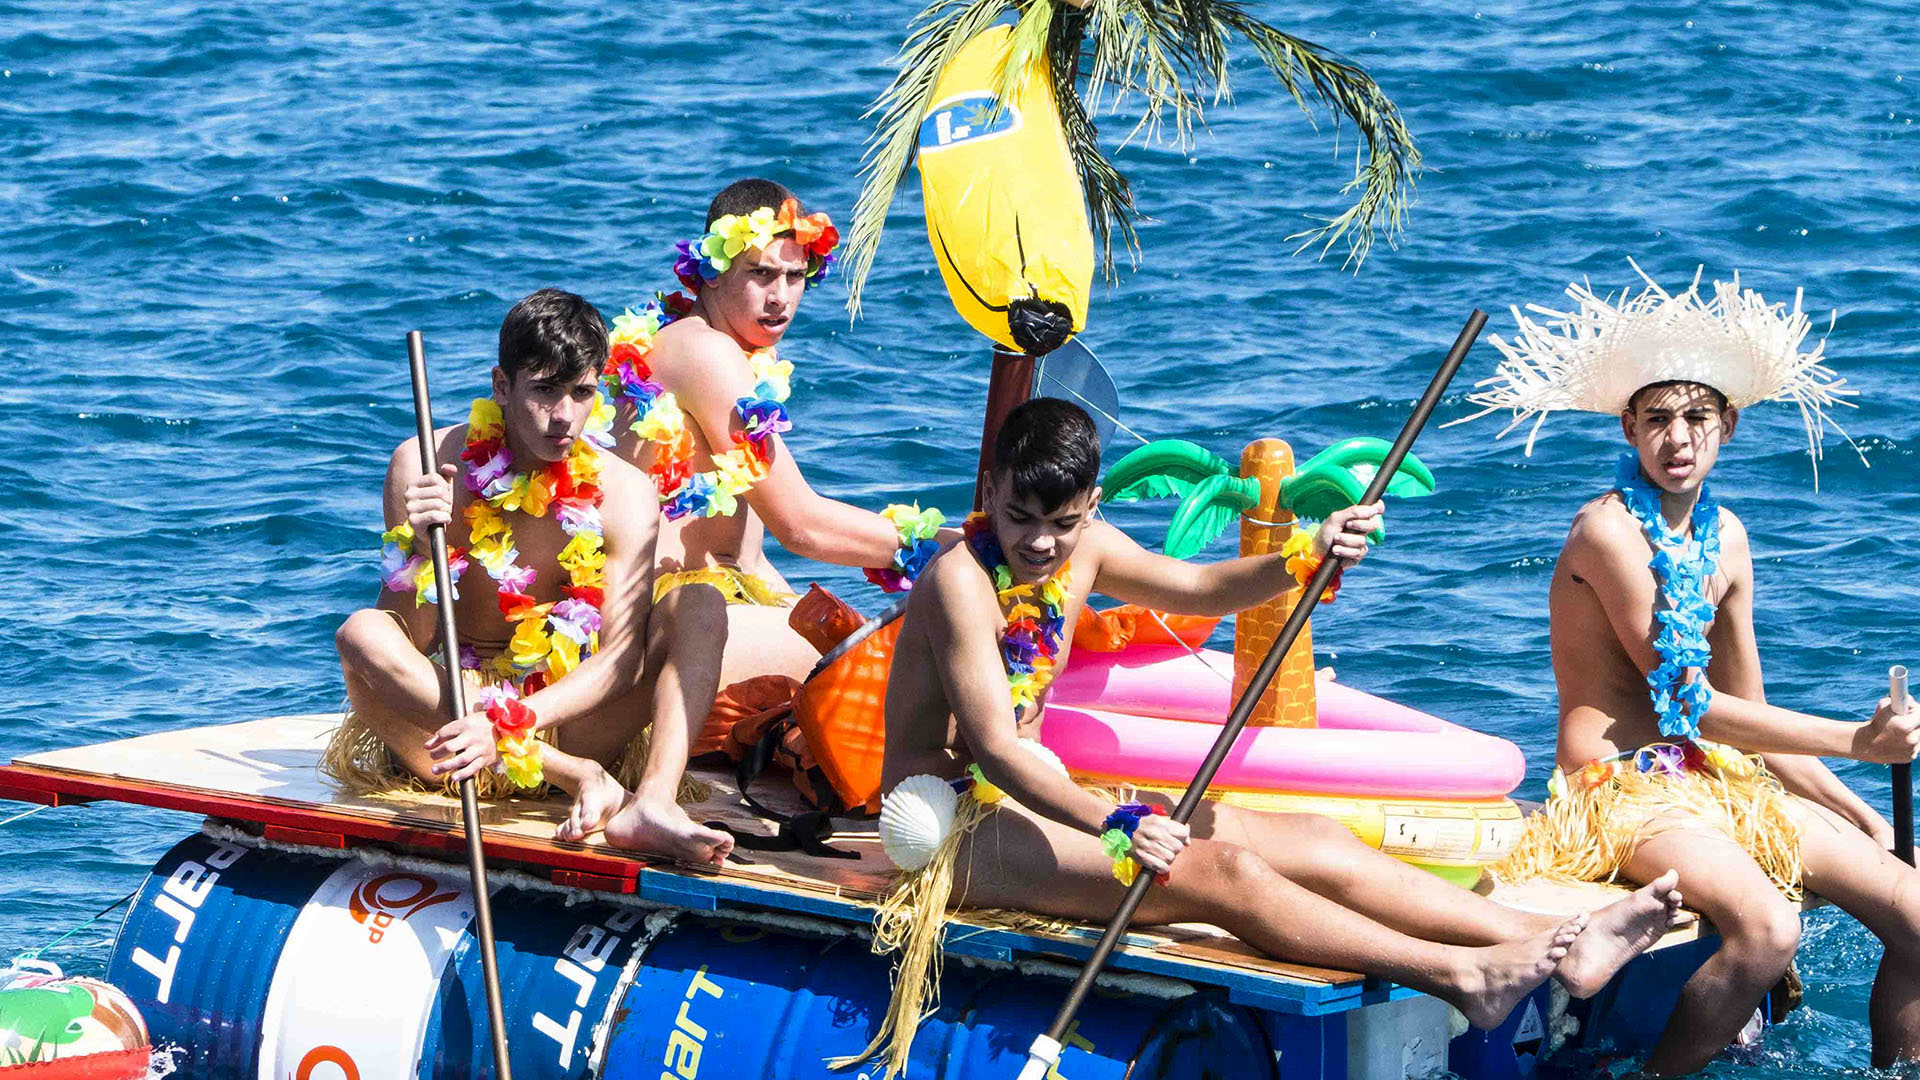 Karneval auf Fuerteventura: Puerto del Rosario Regata de Achipenco.